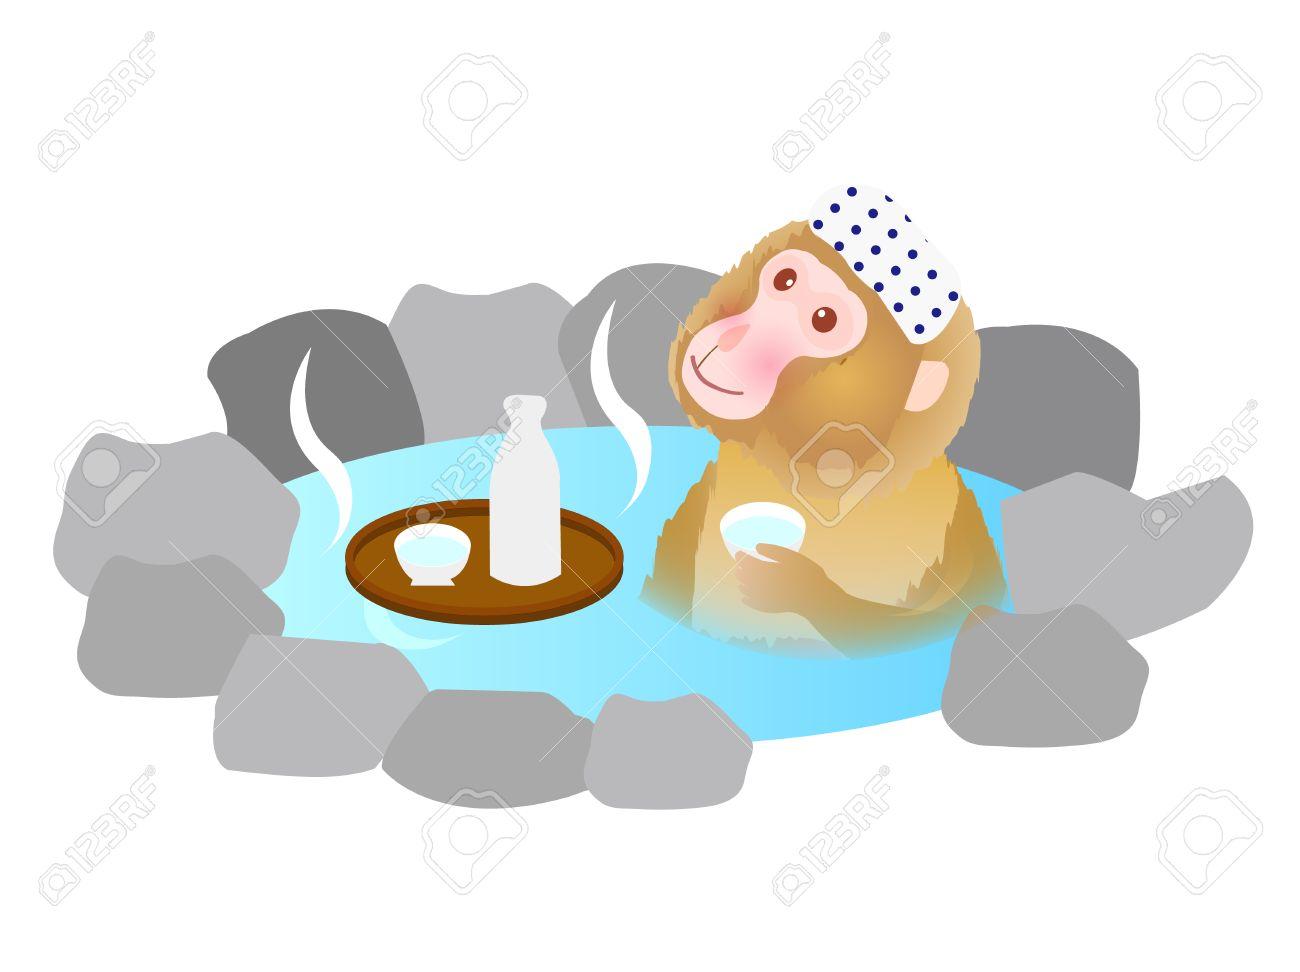 かわいいサル温泉グリーティング カードのイラスト素材ベクタ Image